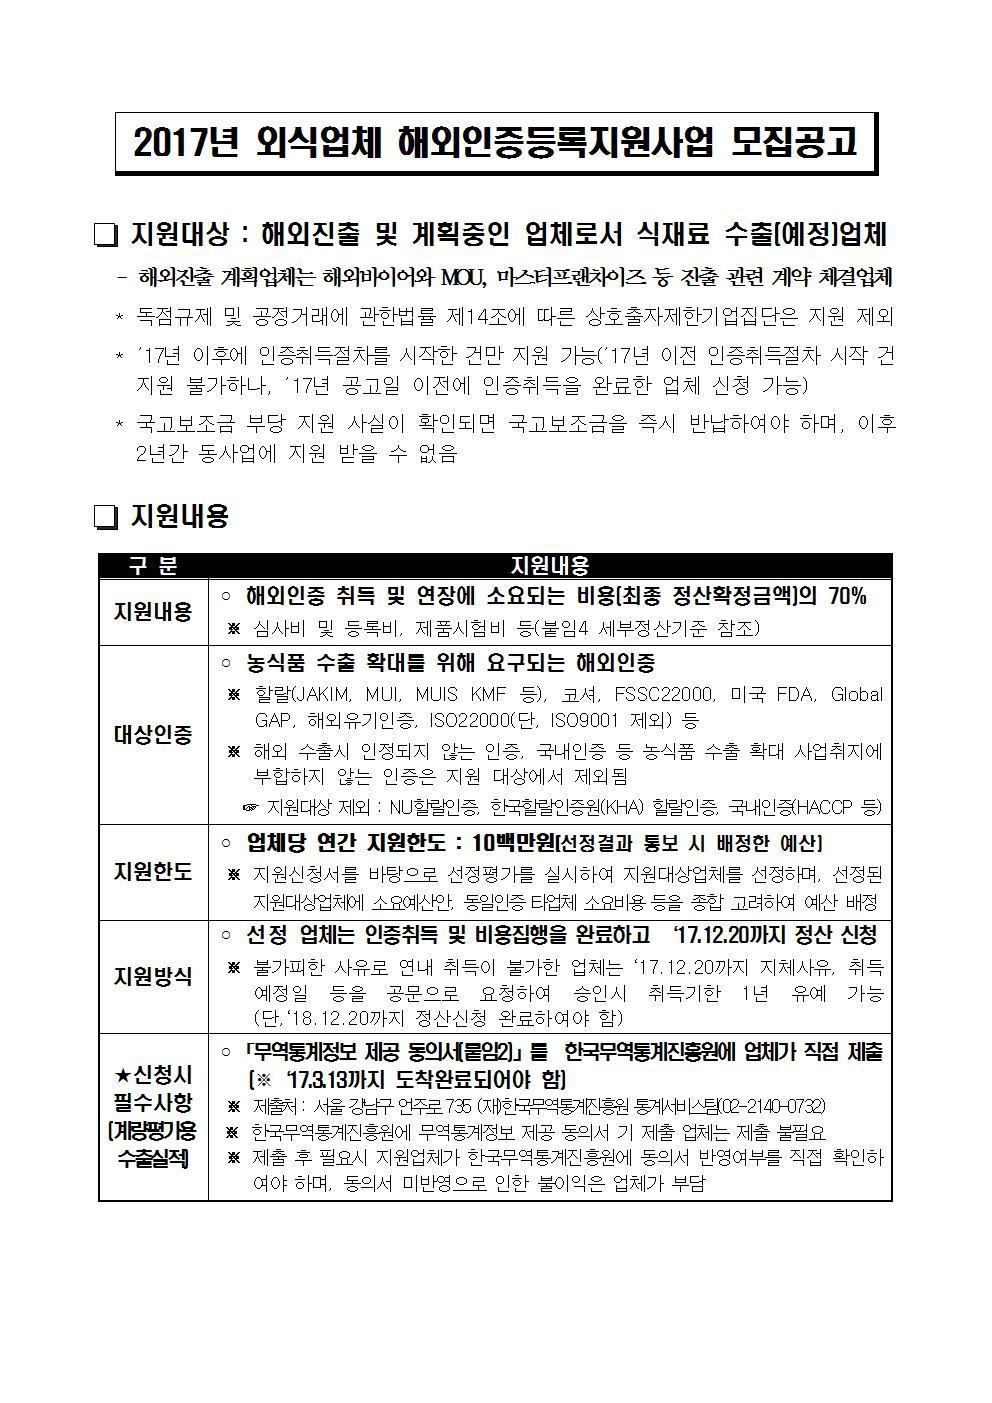 2017년 외식업체 해외인증등록지원사업 모집공고